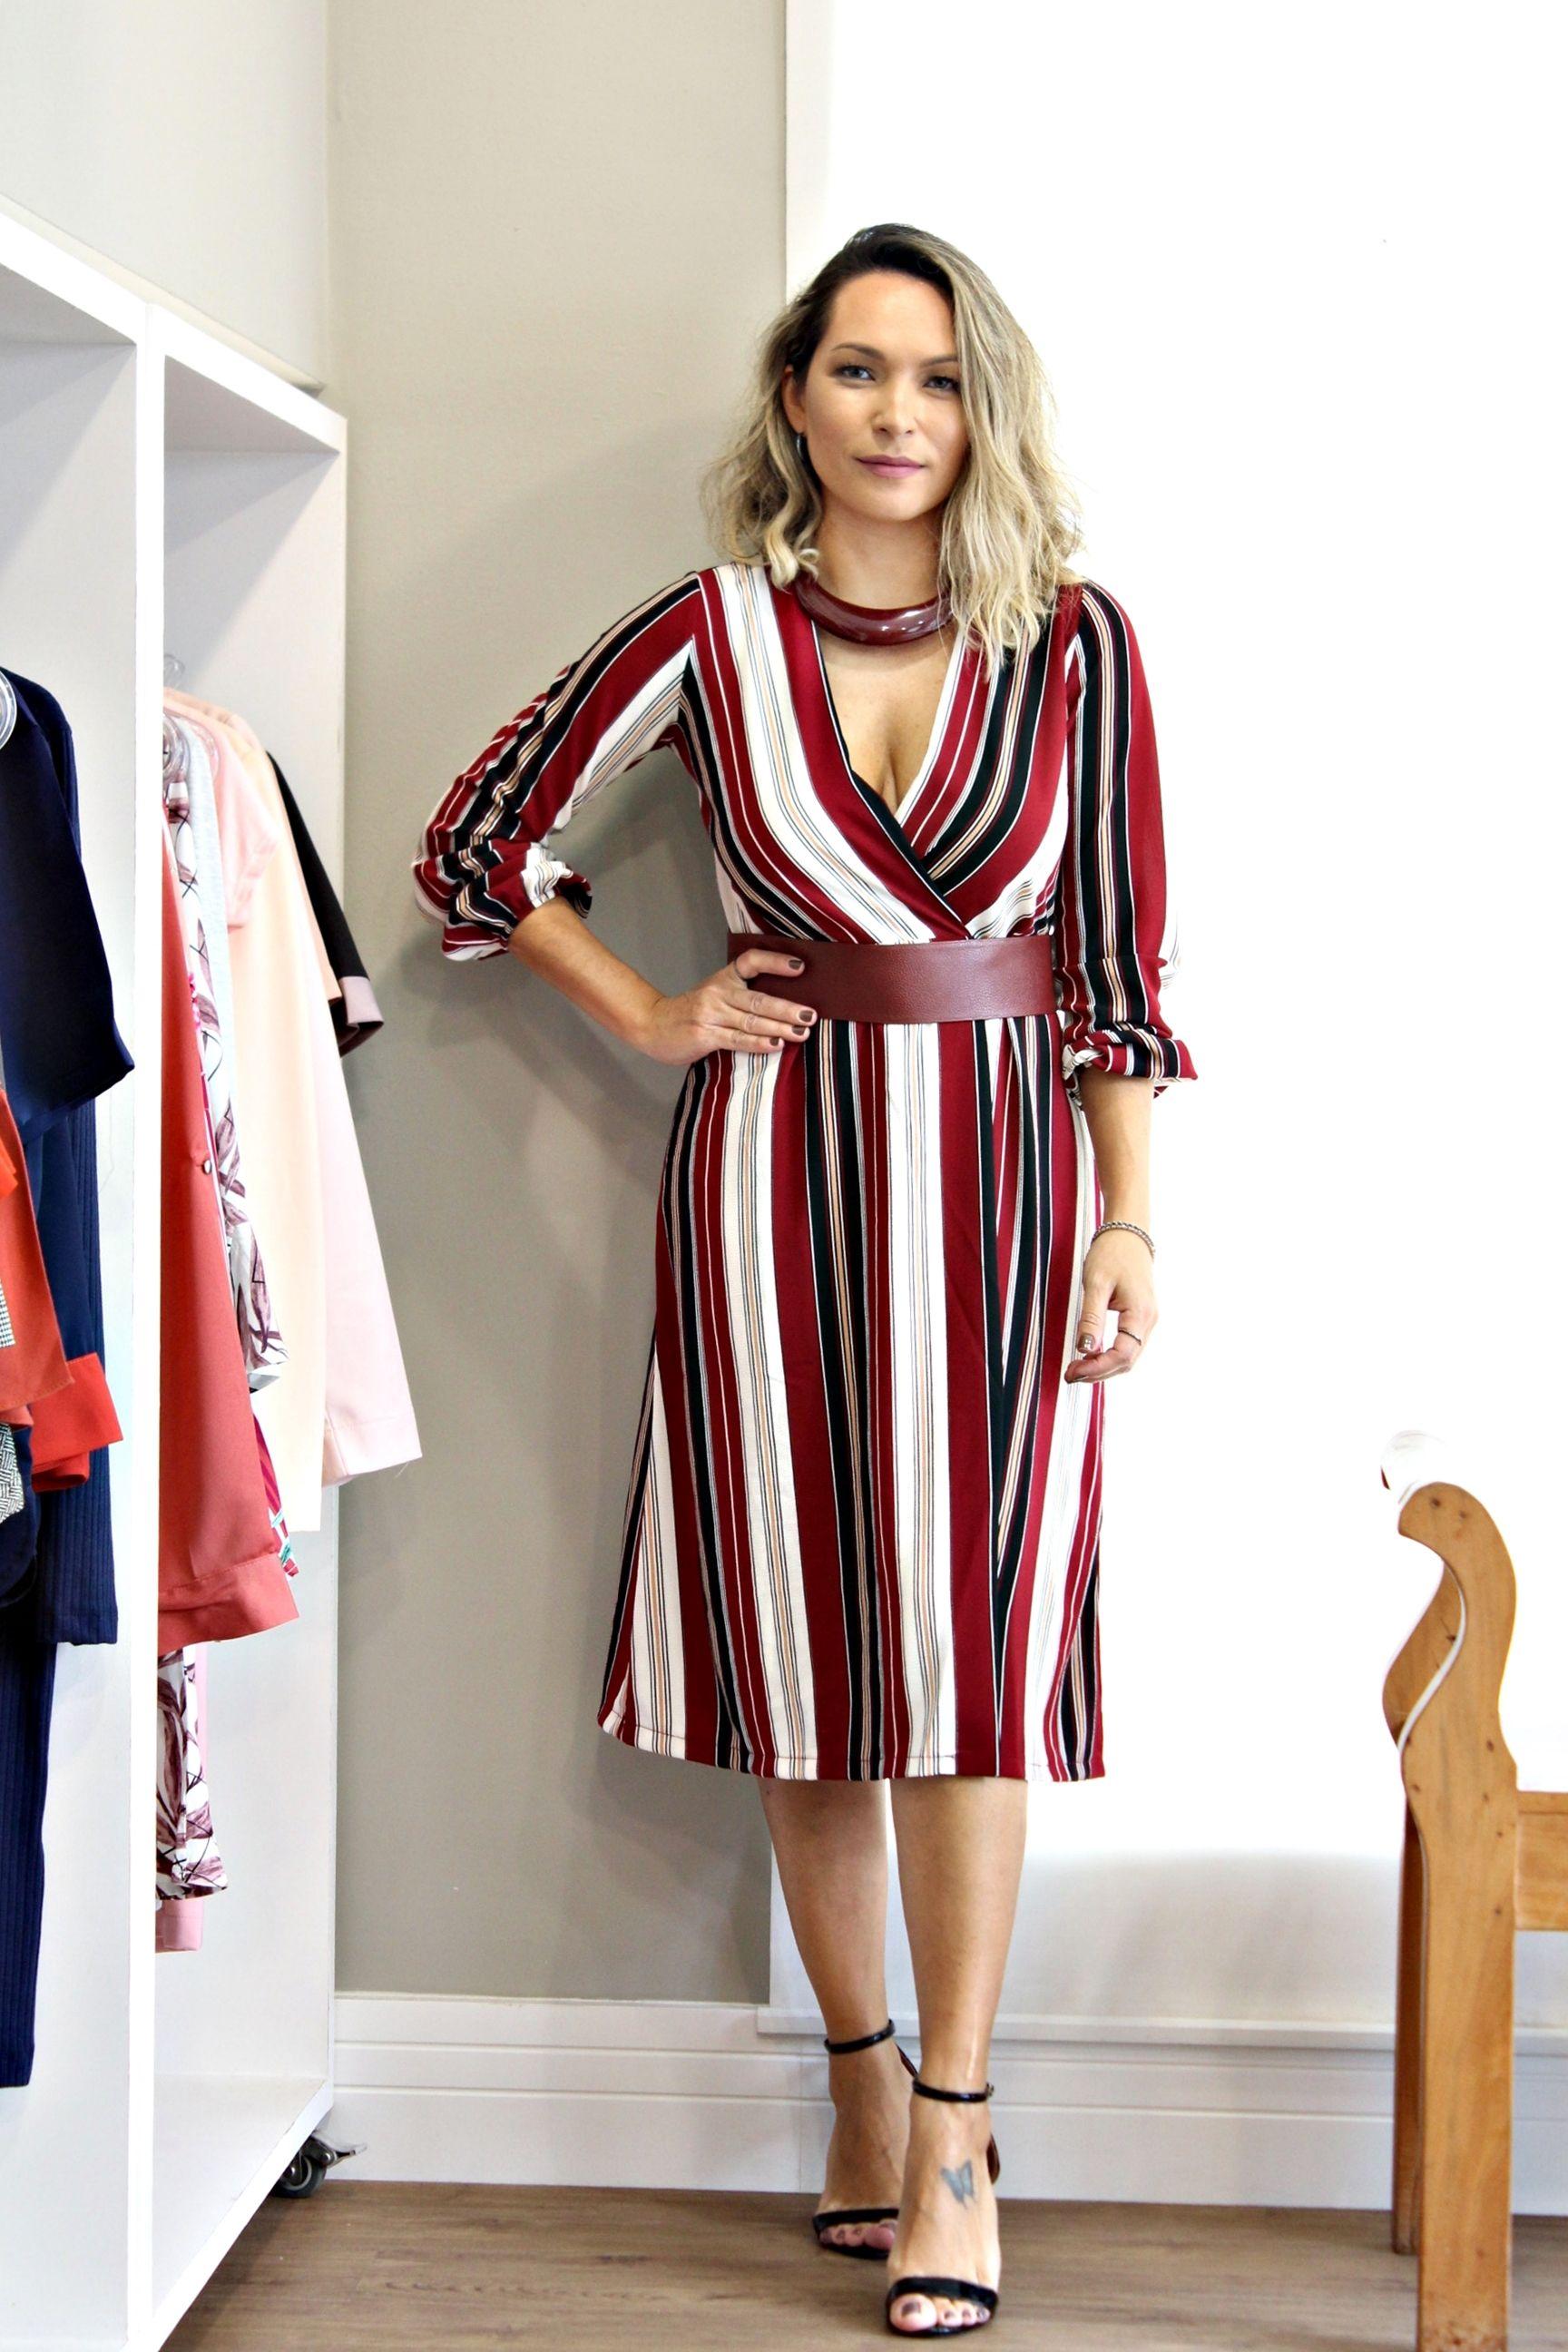 6201af75284b Olha esse vestido em crepe transpassado que arraso!!! 👏😍💥 . R$259,00 - P  M G . Colar R$66,00 . Faixa em couro R$76,00 - Diversas cores